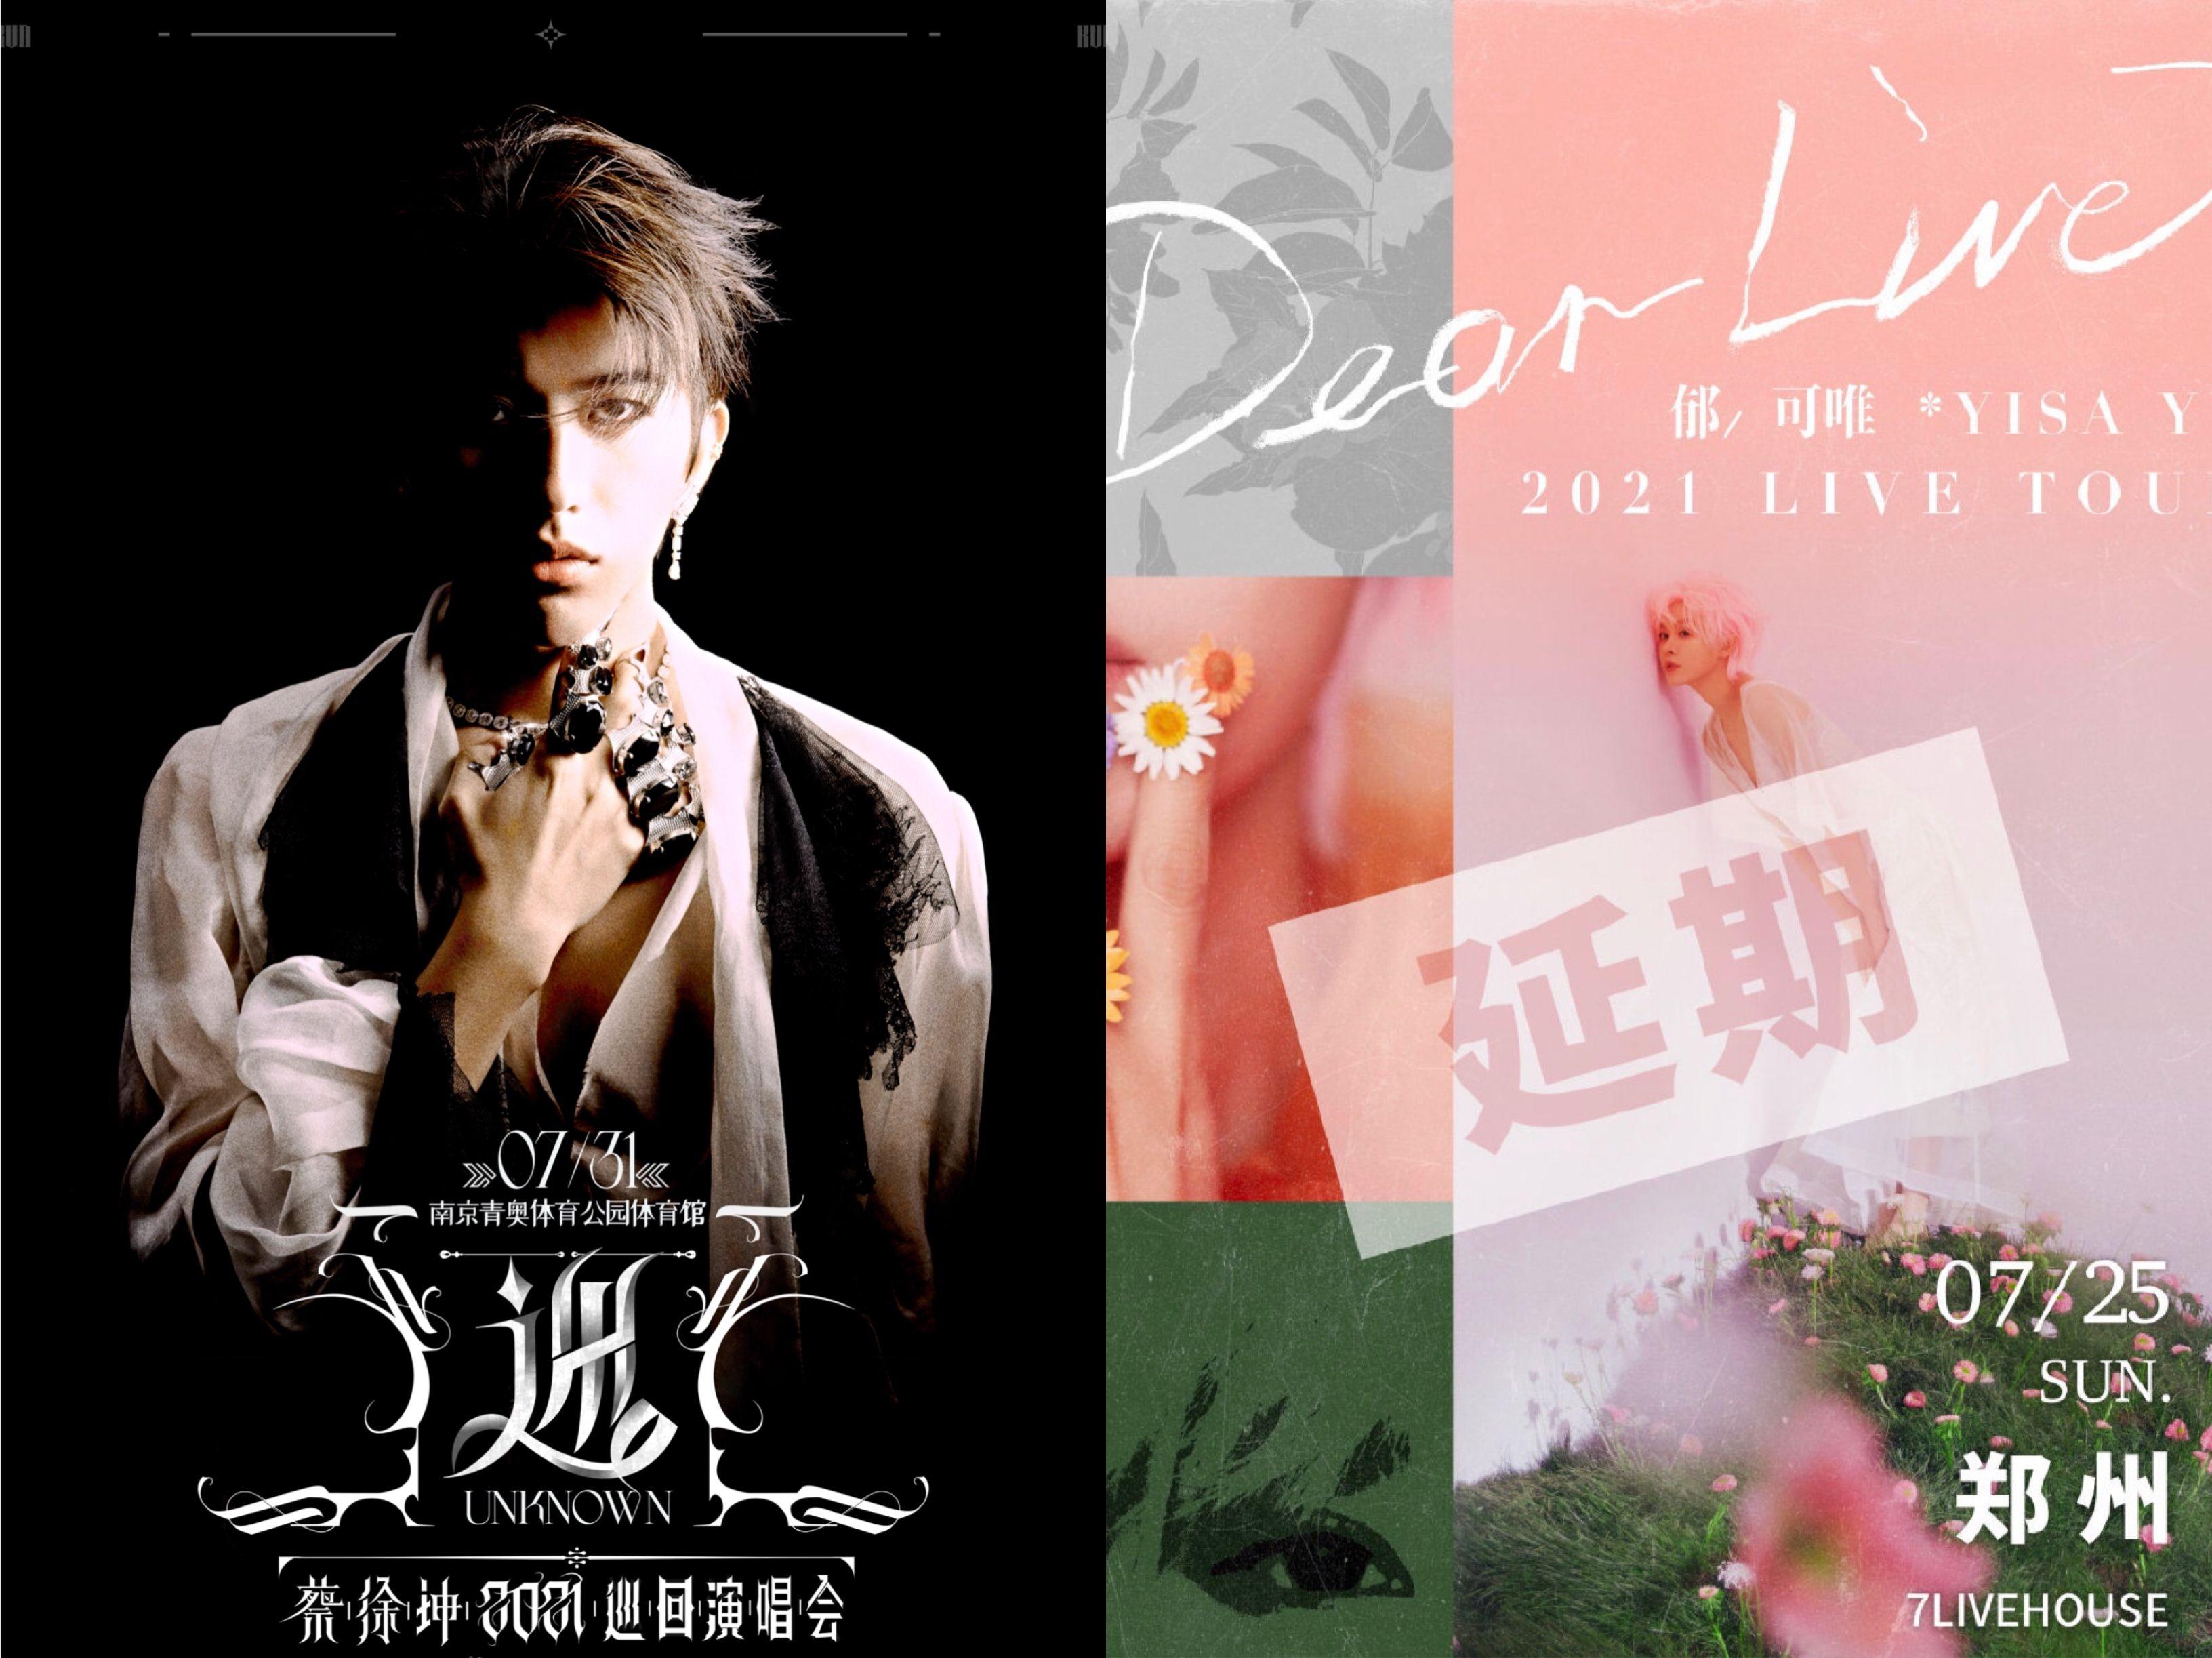 蔡徐坤、郁可唯演唱会海报